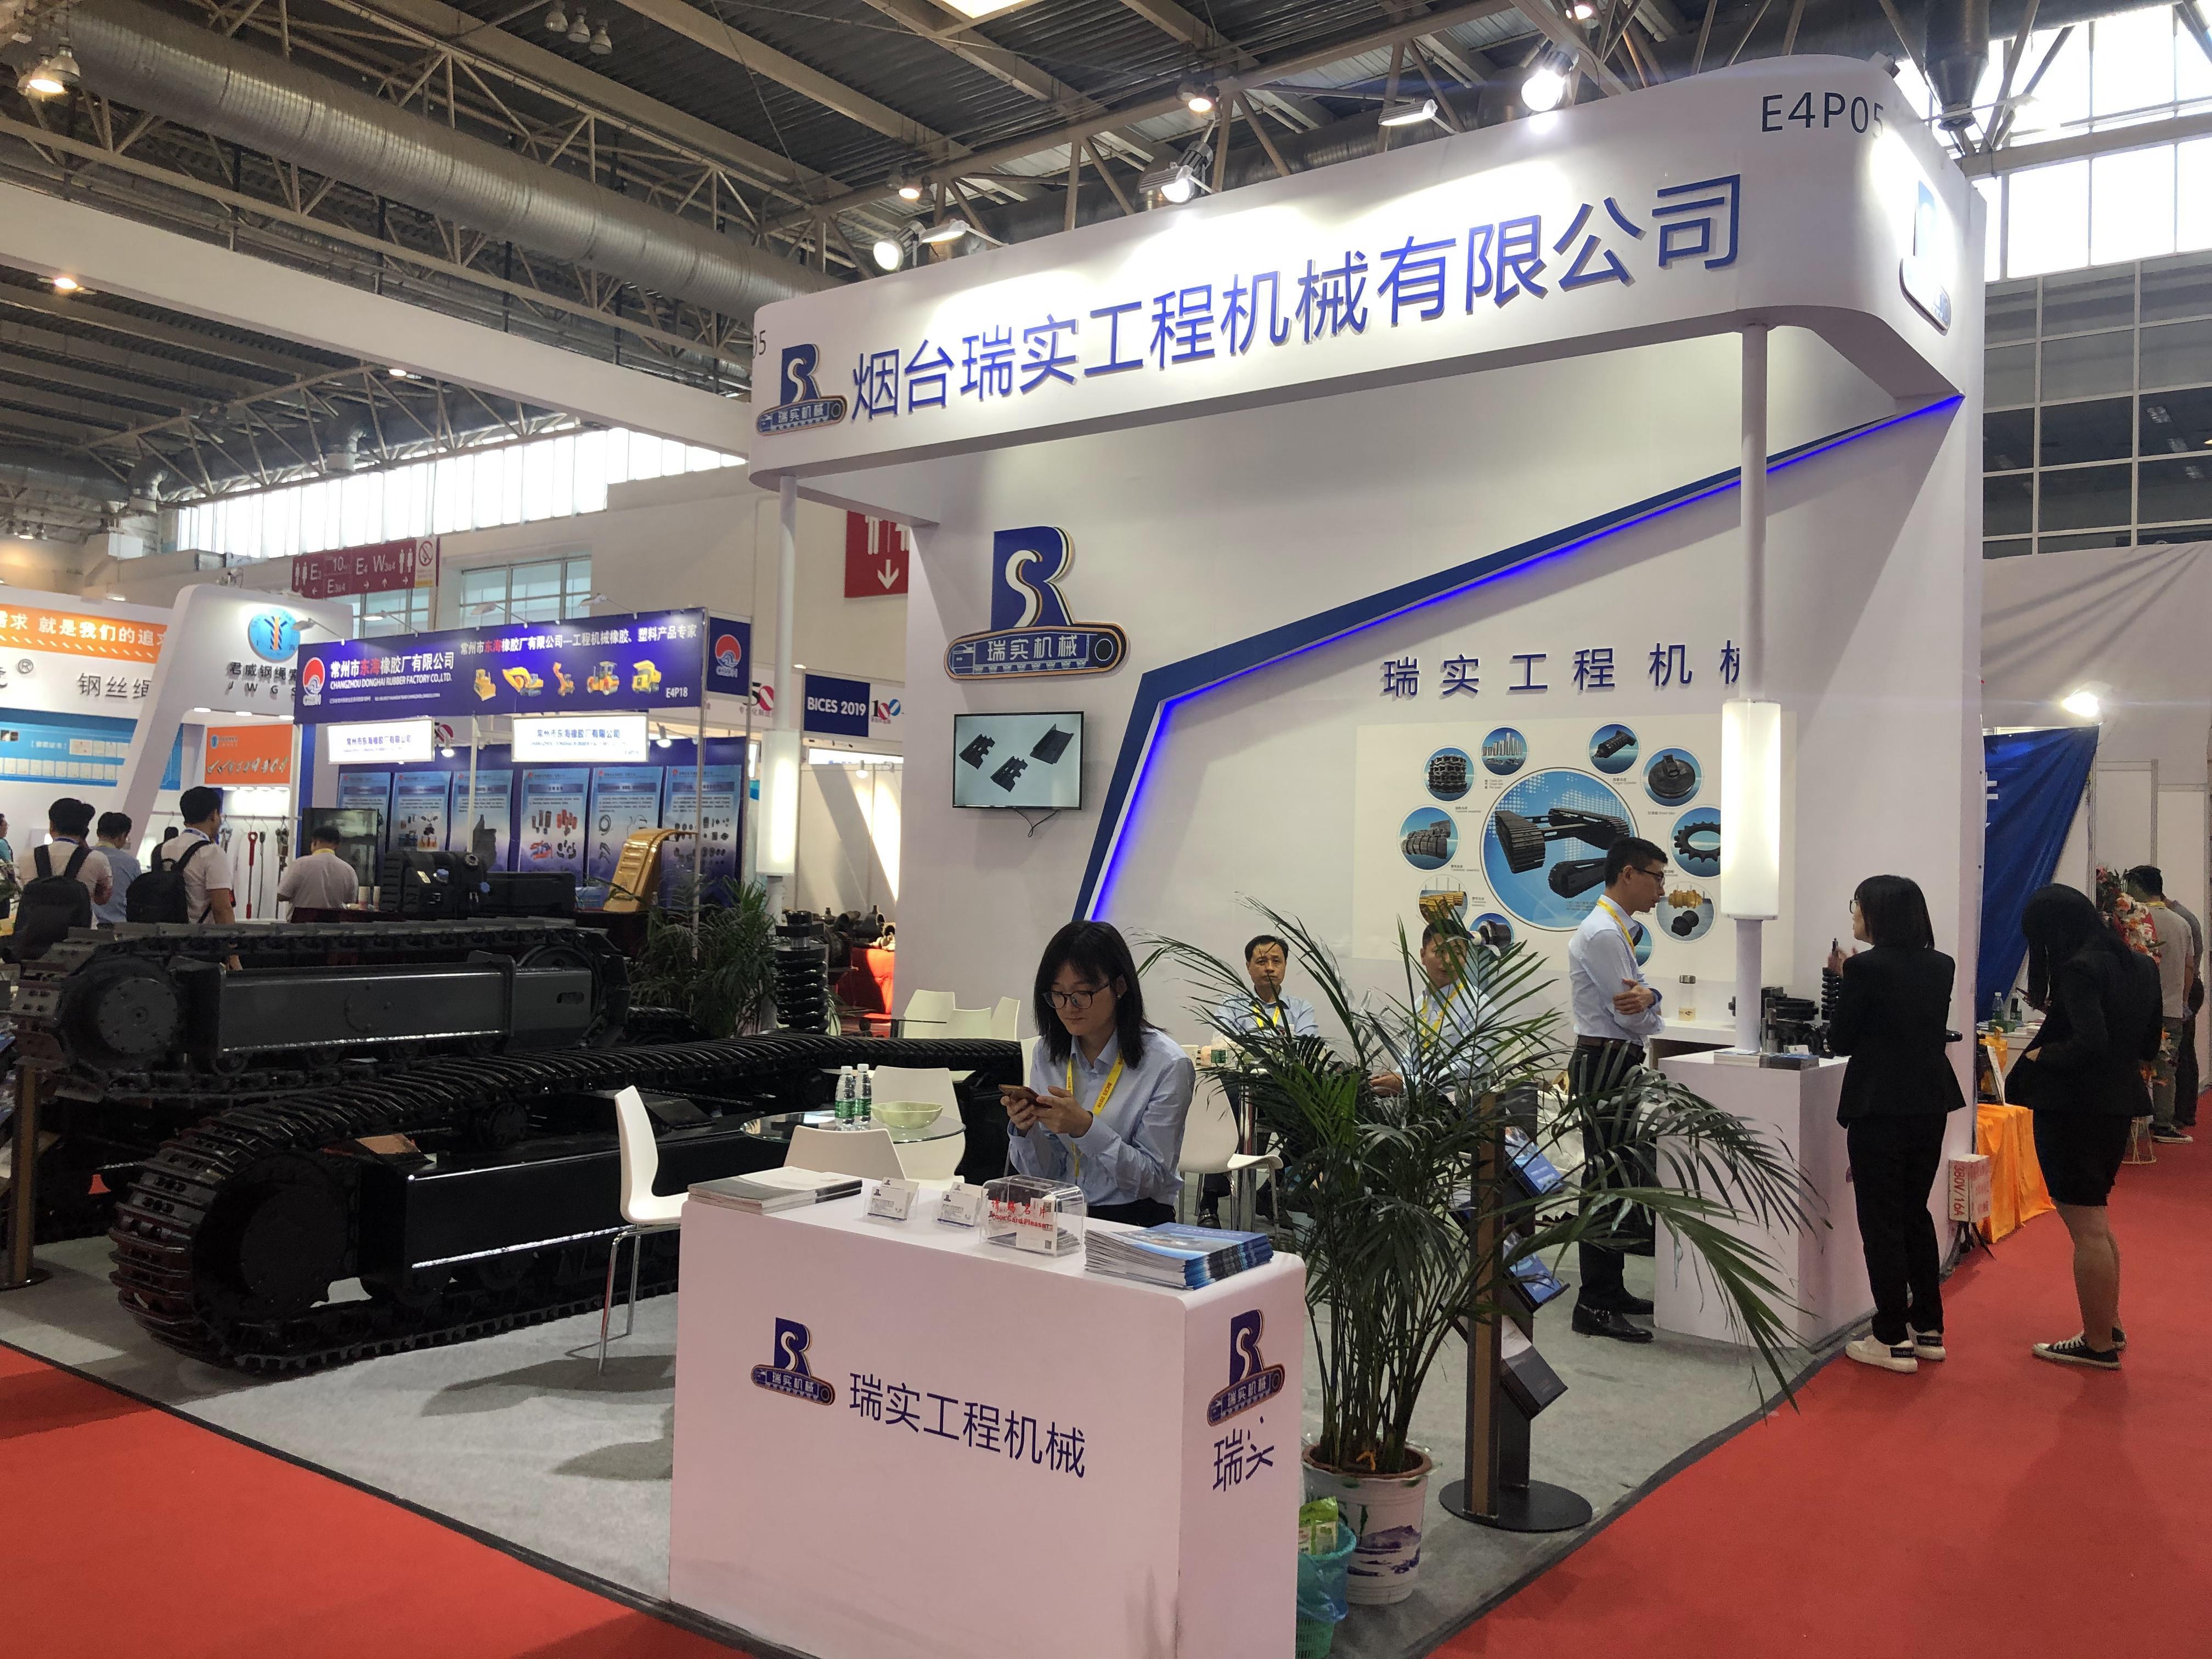 第15届BICES2019北京展展位风采:烟台瑞实工程机械有限公司